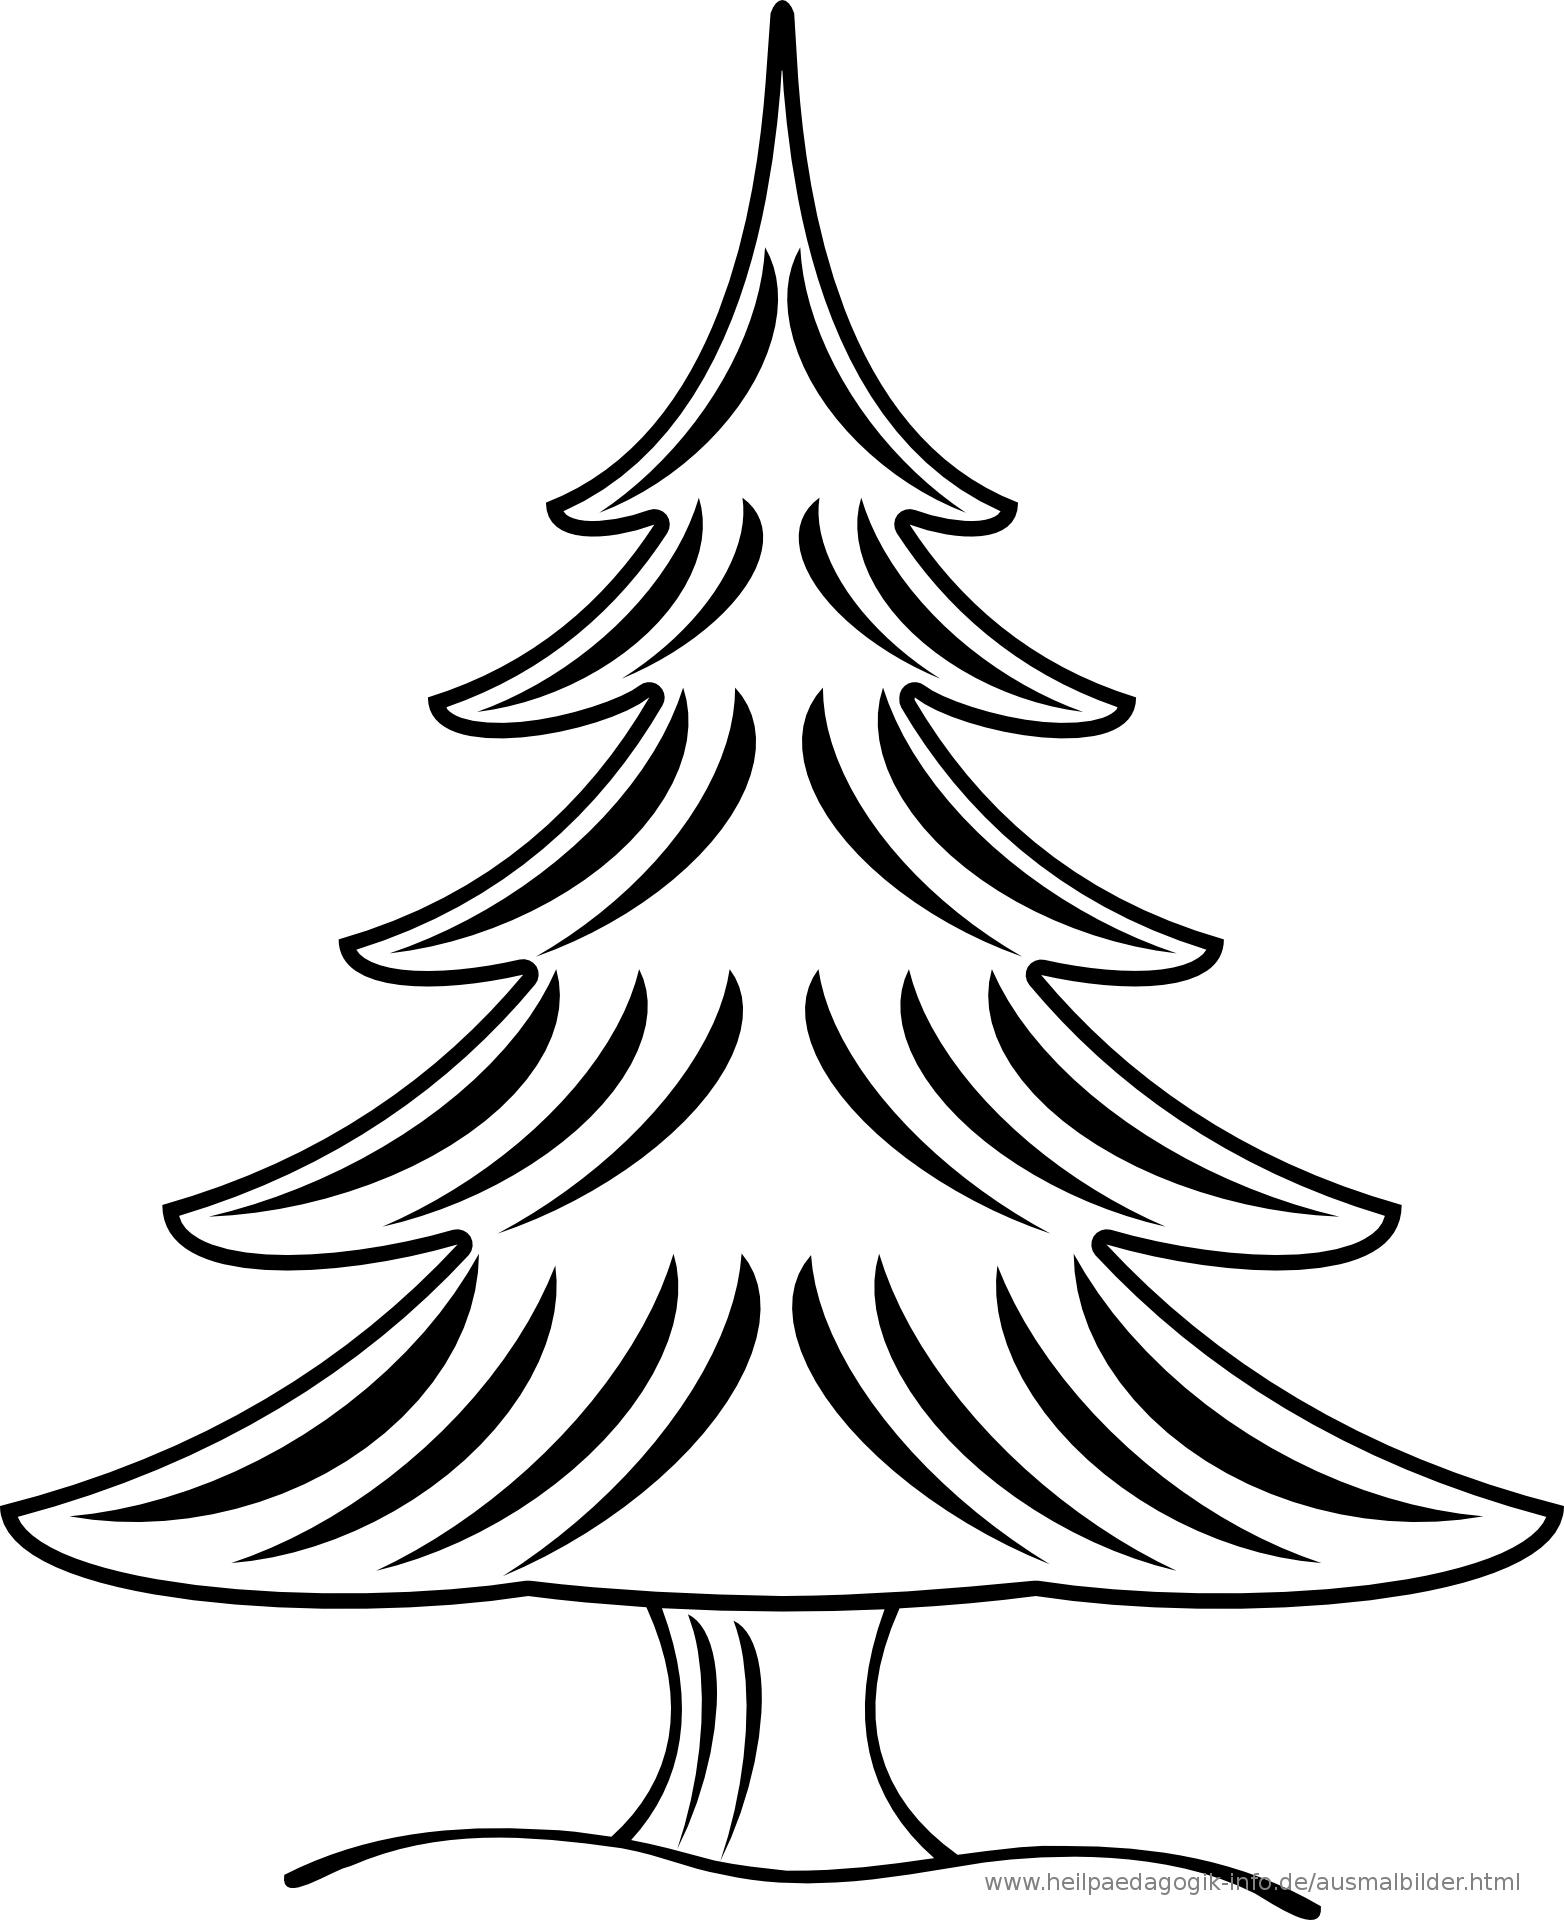 Ausmalbilder Weihnachten Tannenbaum Vorlage Eingebung Weihnachten Zeichnung